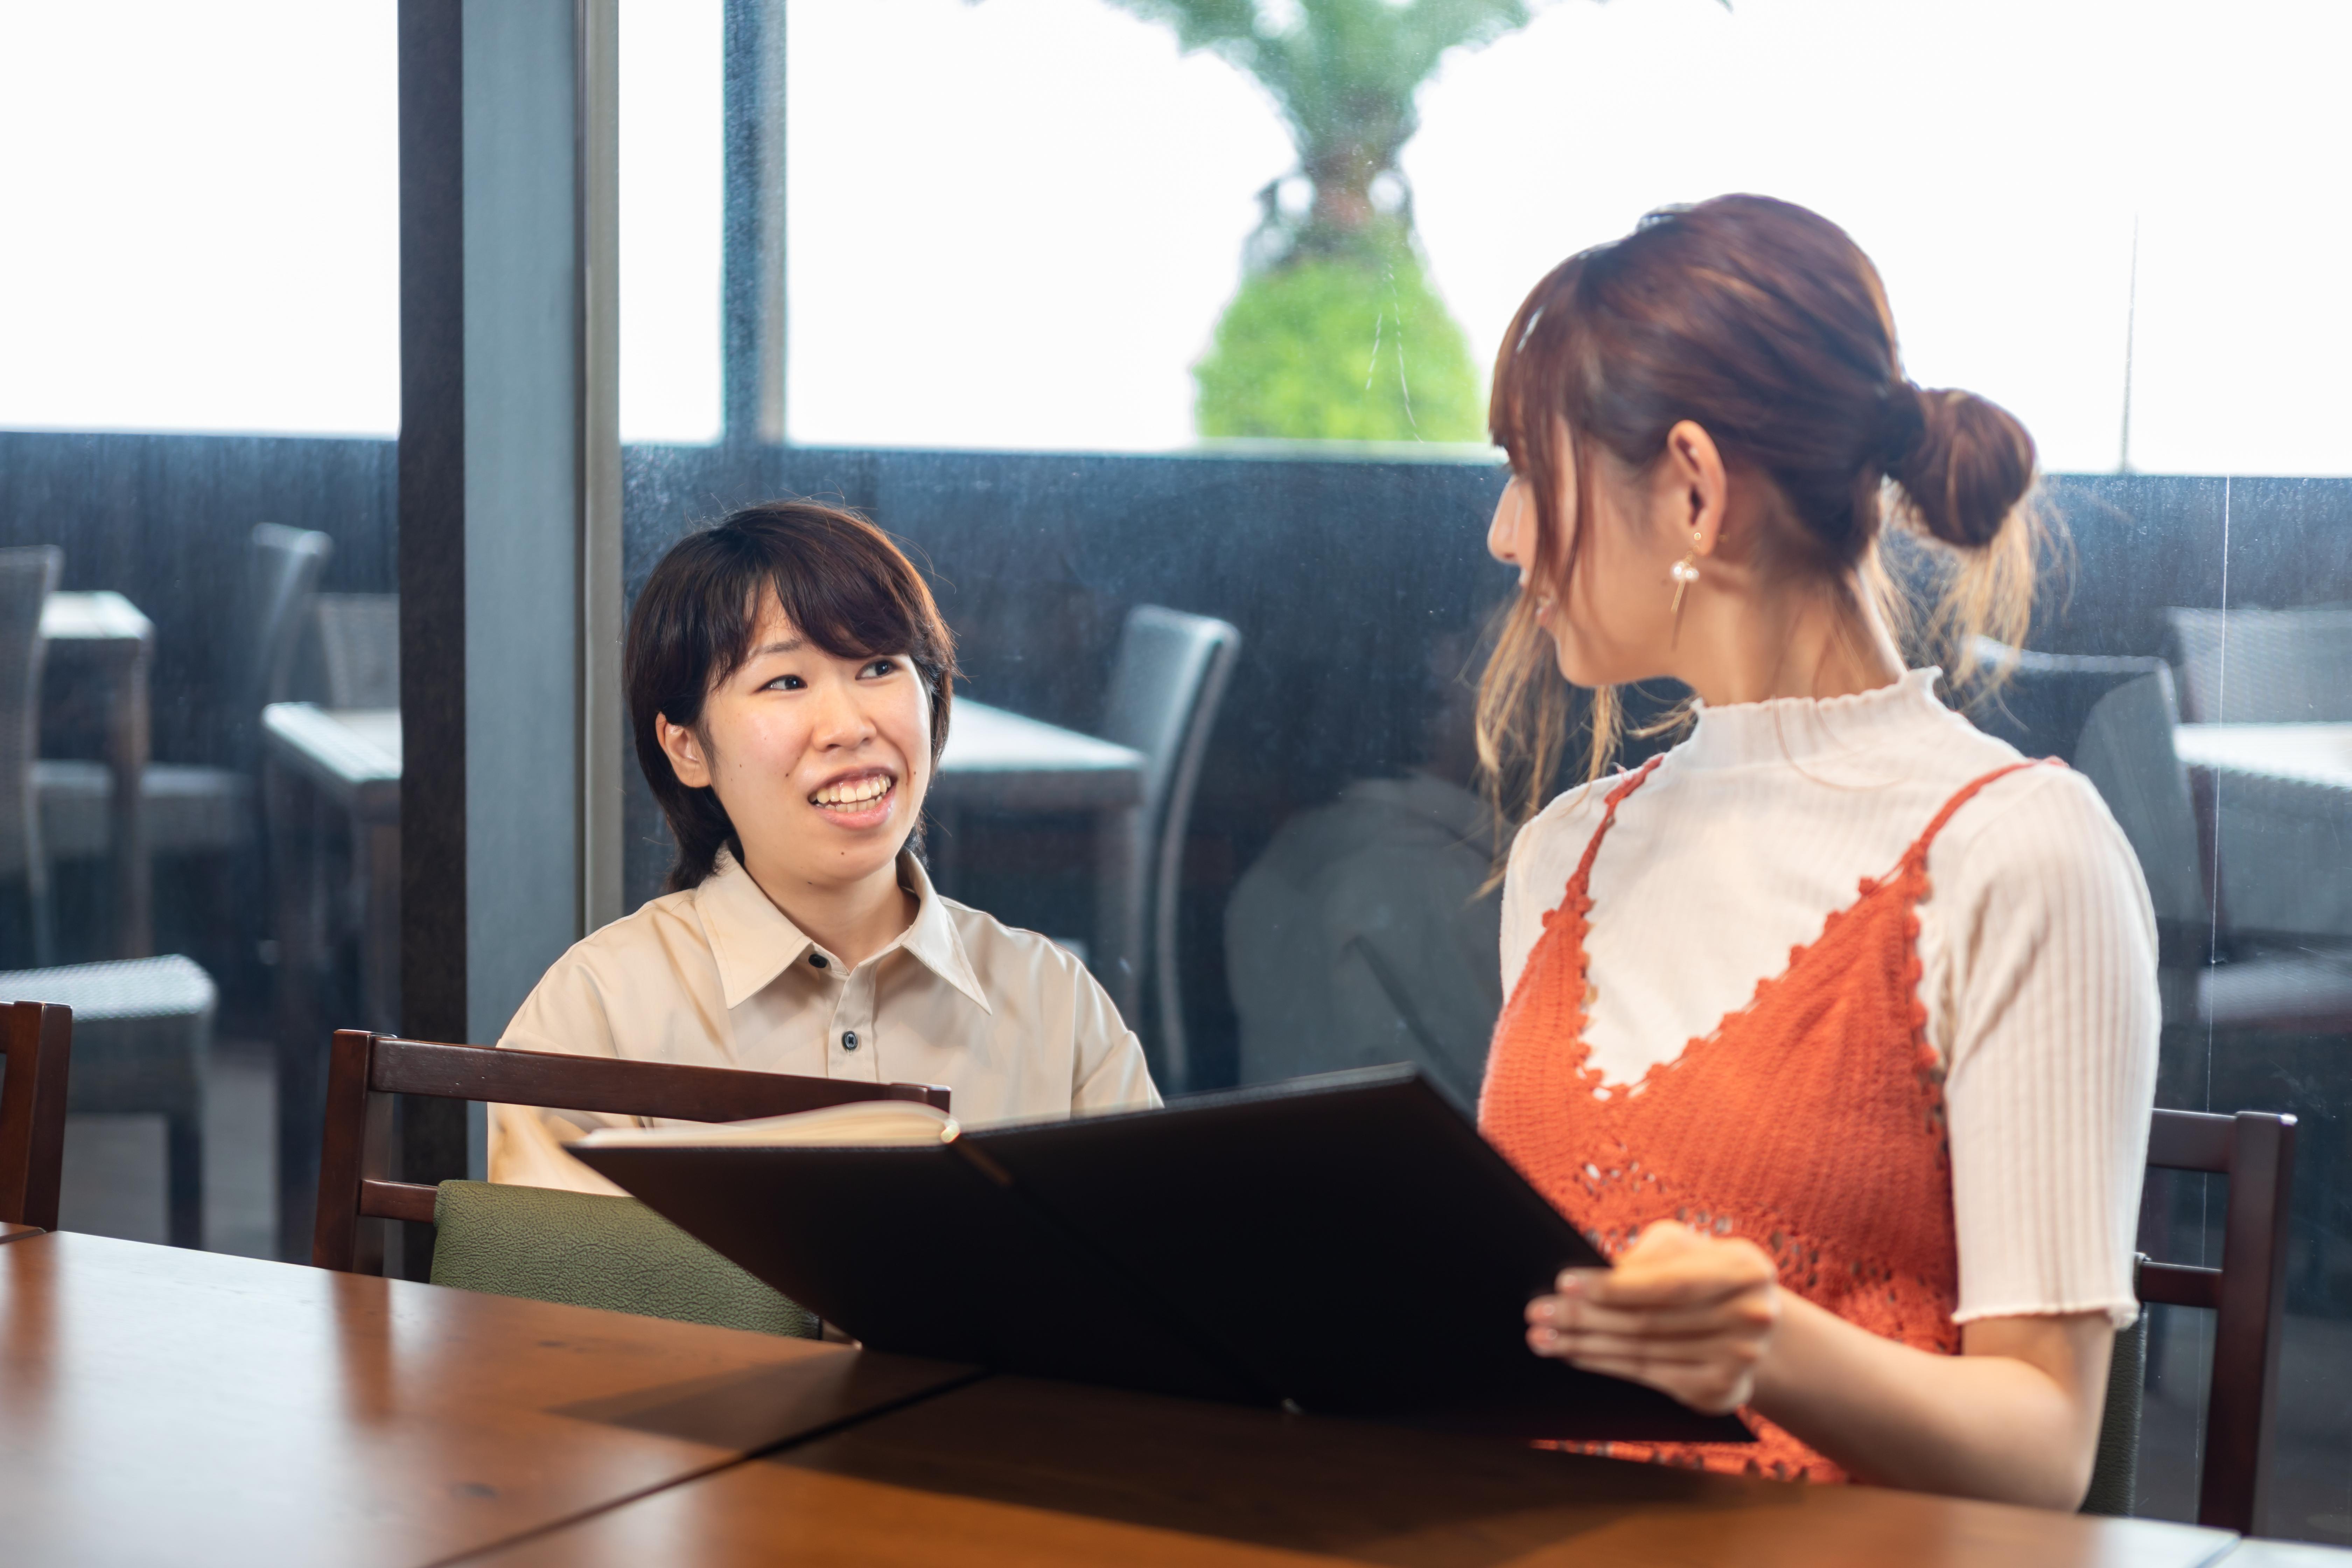 【レストランホールスタッフ】未経験応募可◆温泉旅館レストランでのホールスタッフ